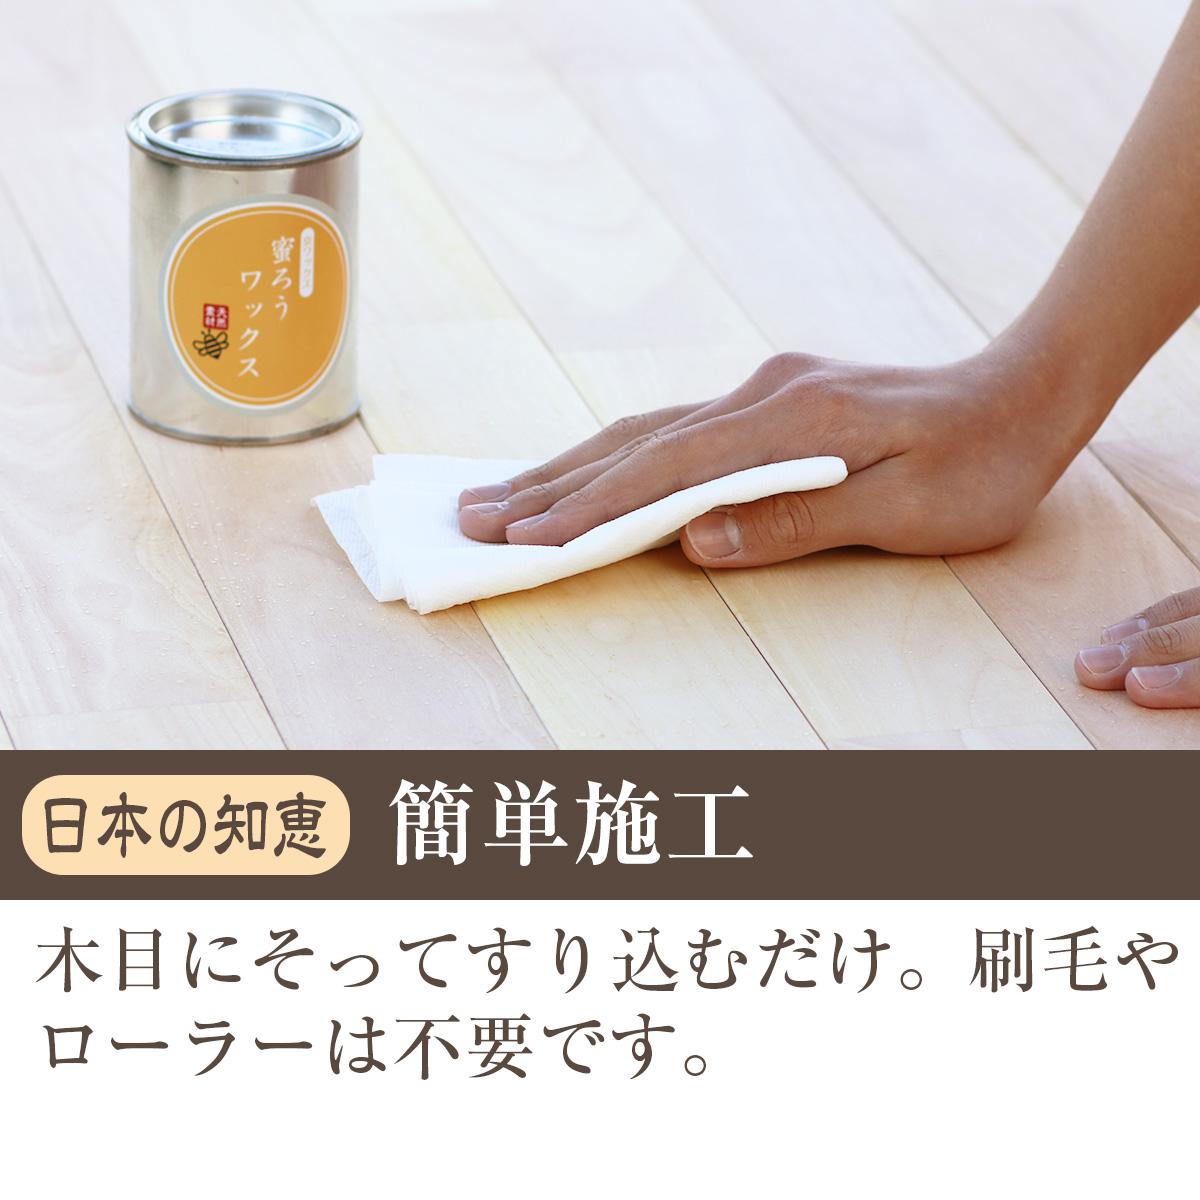 日本の知恵・簡単施工 木目に沿ってすり込むだけ。刷毛やローラーは不要です